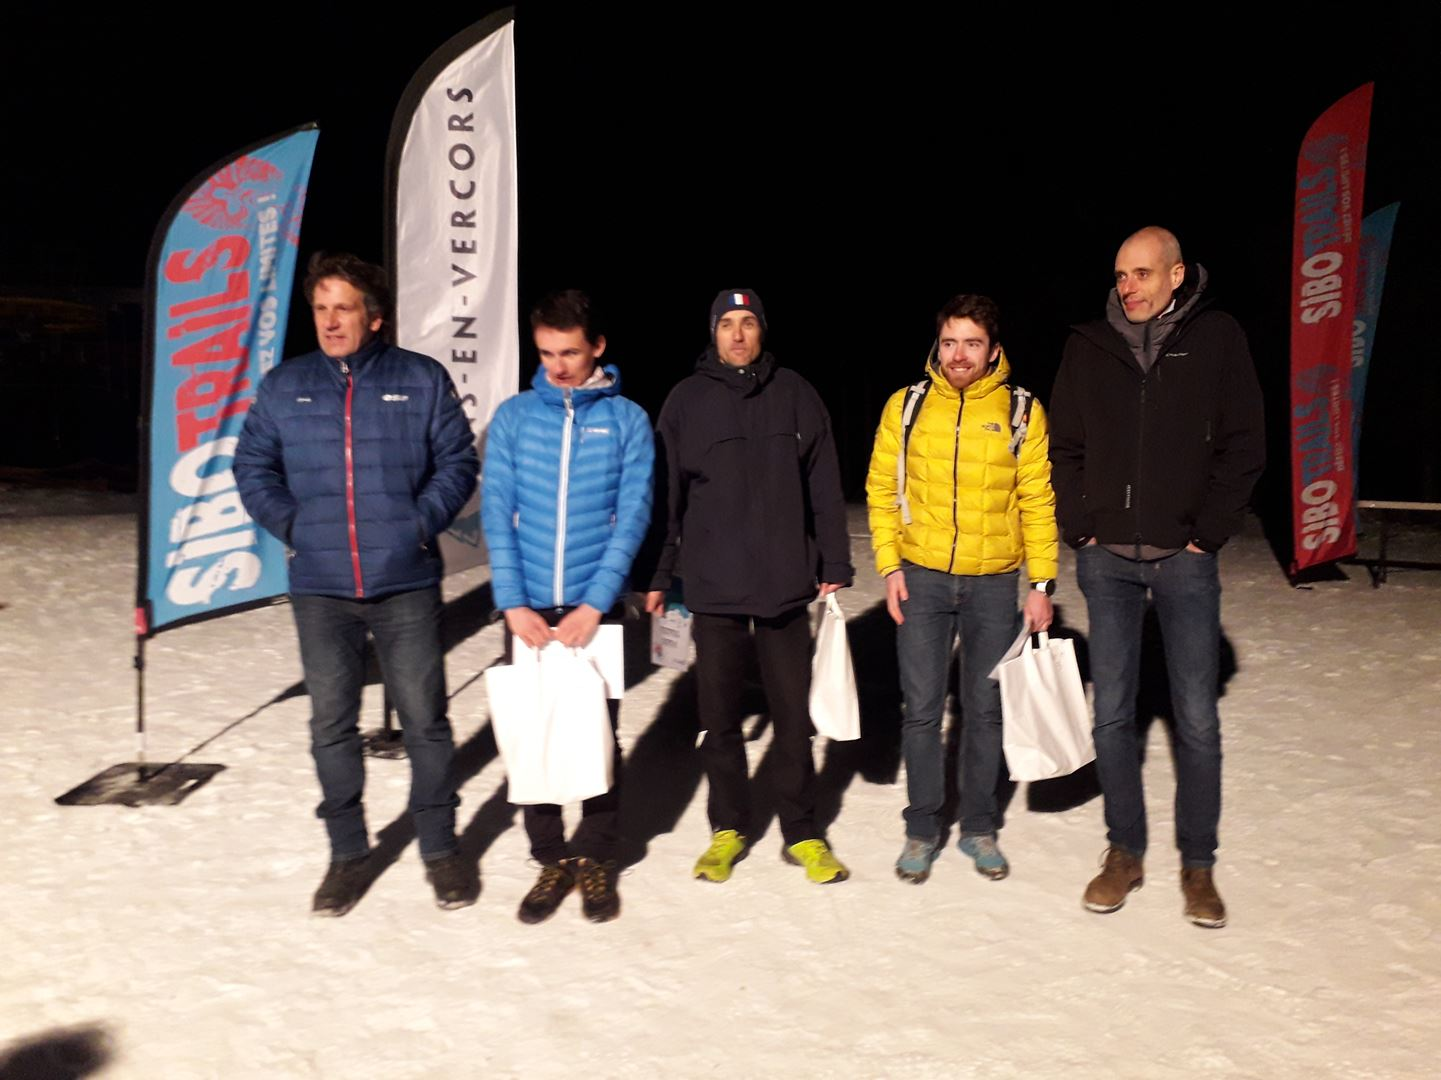 podium hommes 8km - RESULTATS ET PHOTOS DU WINTER SIBOTRAIL LANS EN VERCORS (07/03/2020)